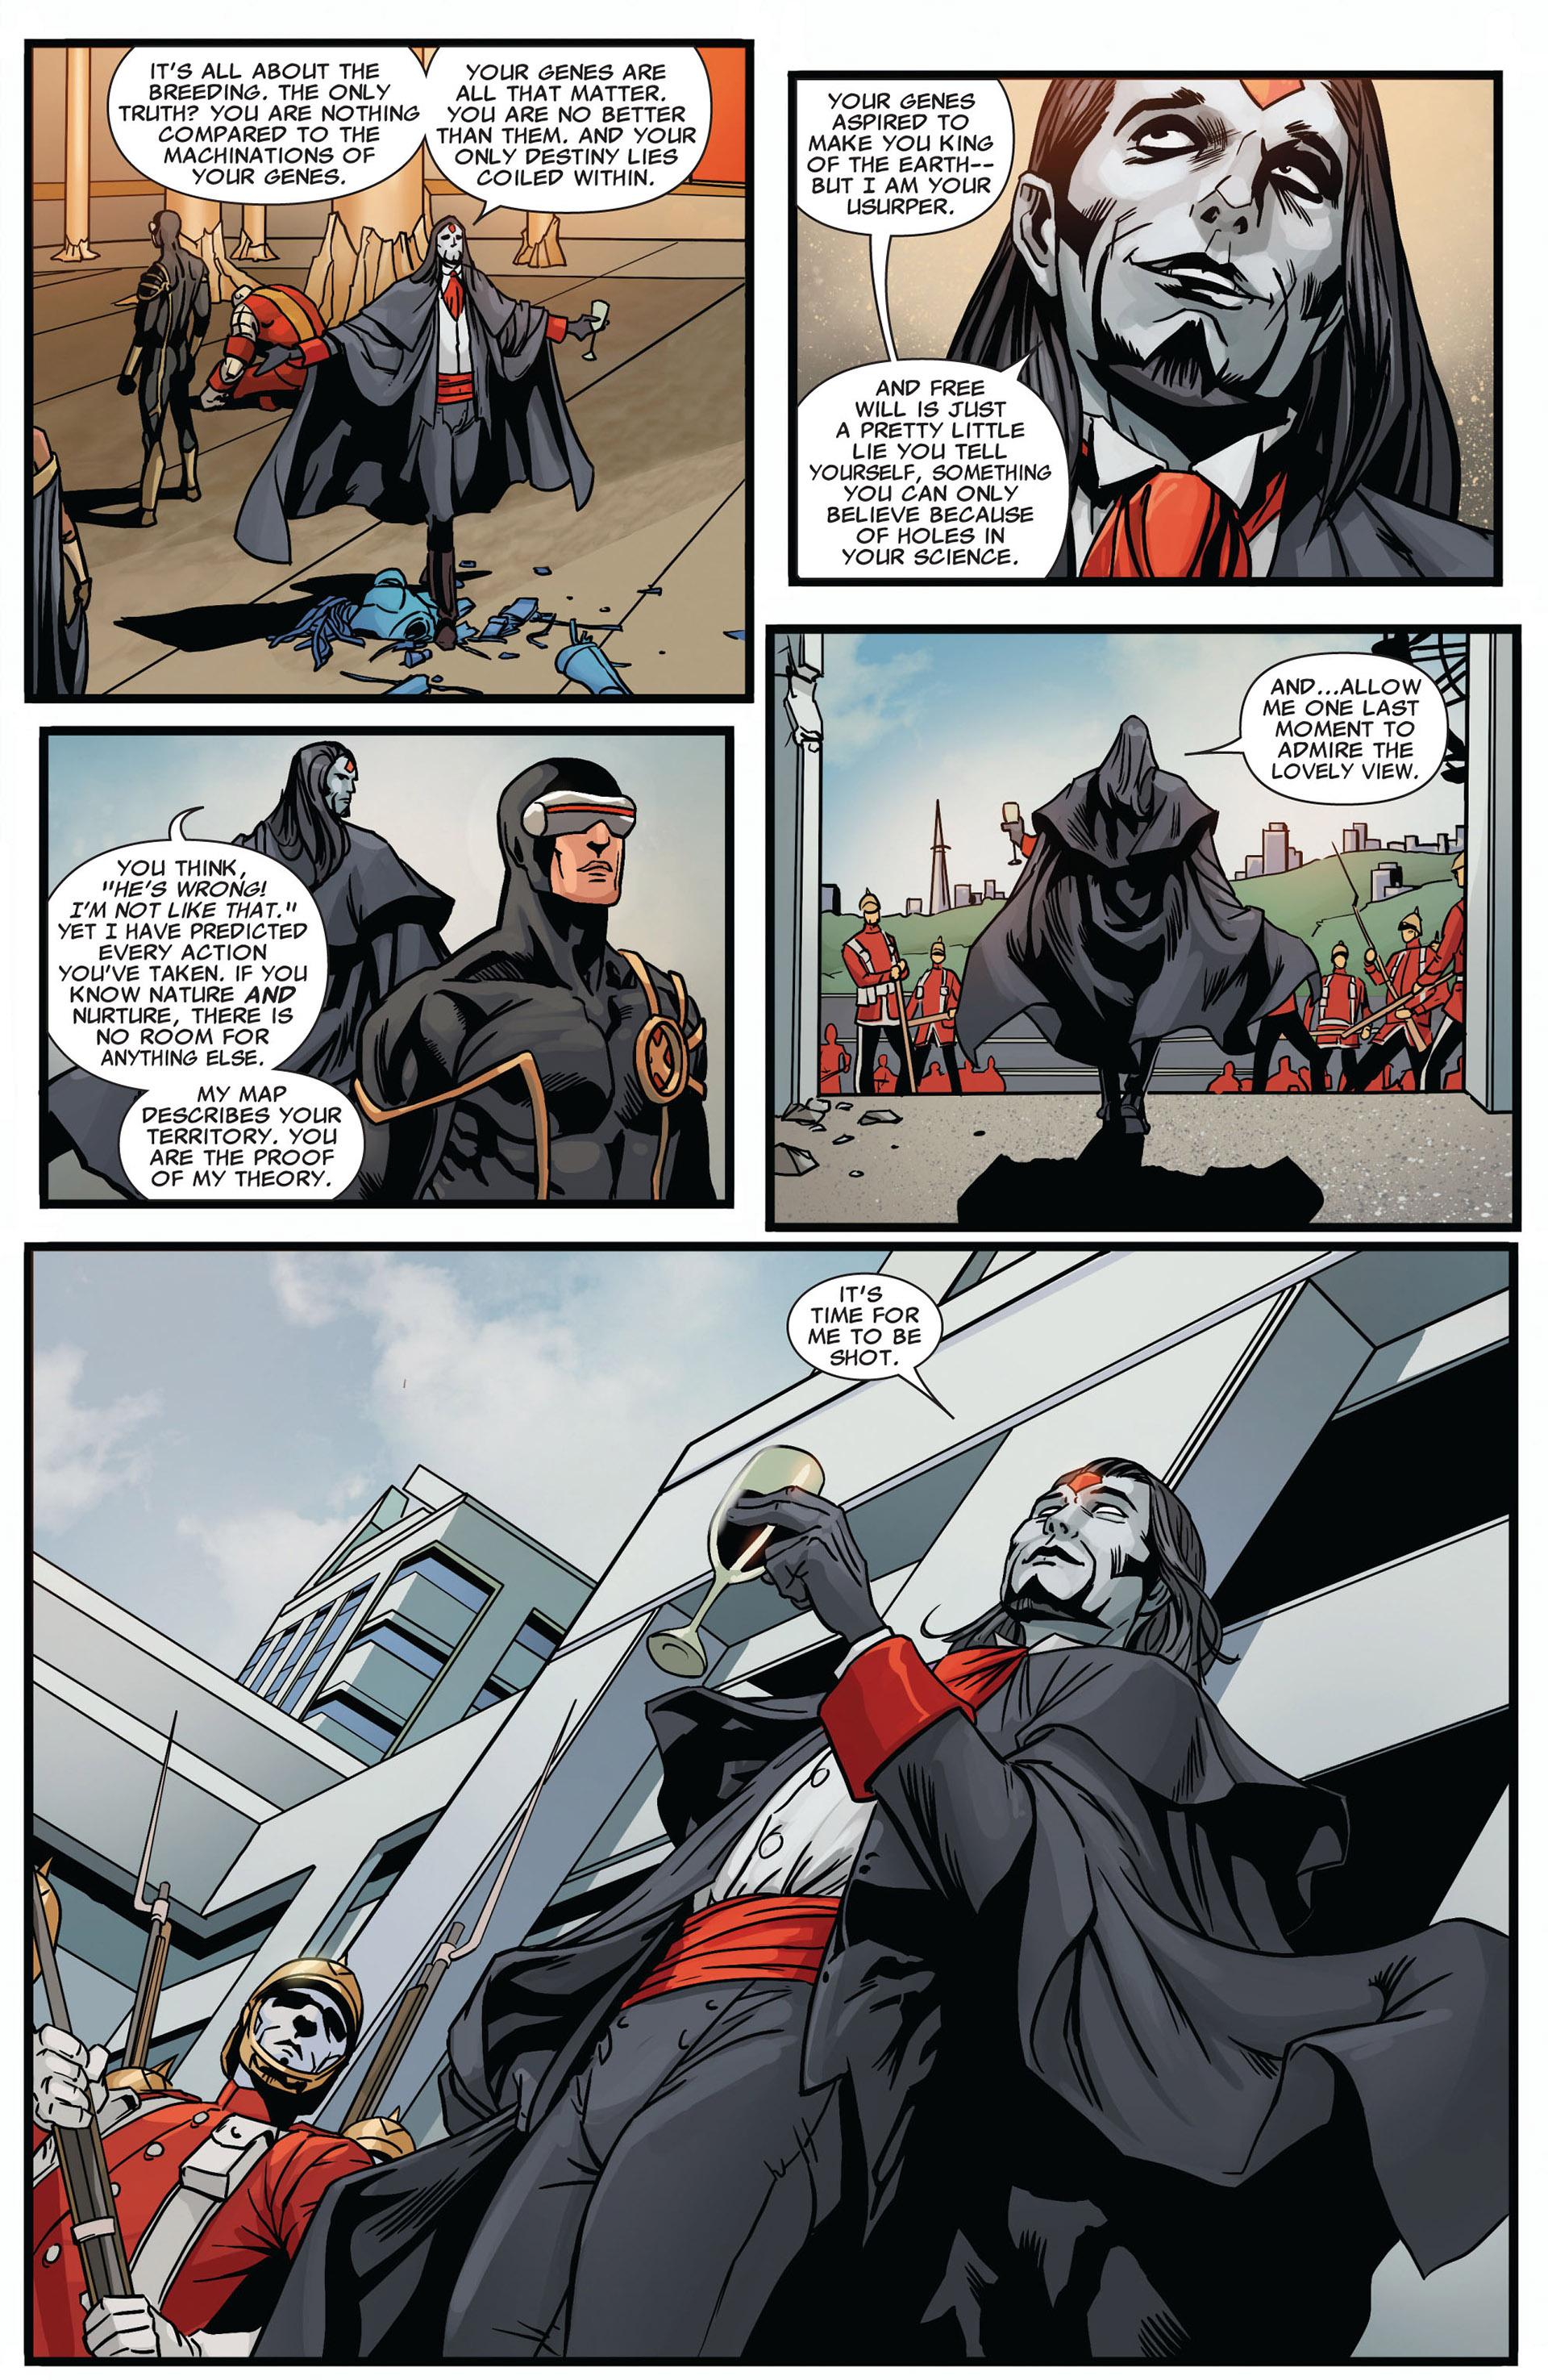 Read online Uncanny X-Men (2012) comic -  Issue #2 - 18